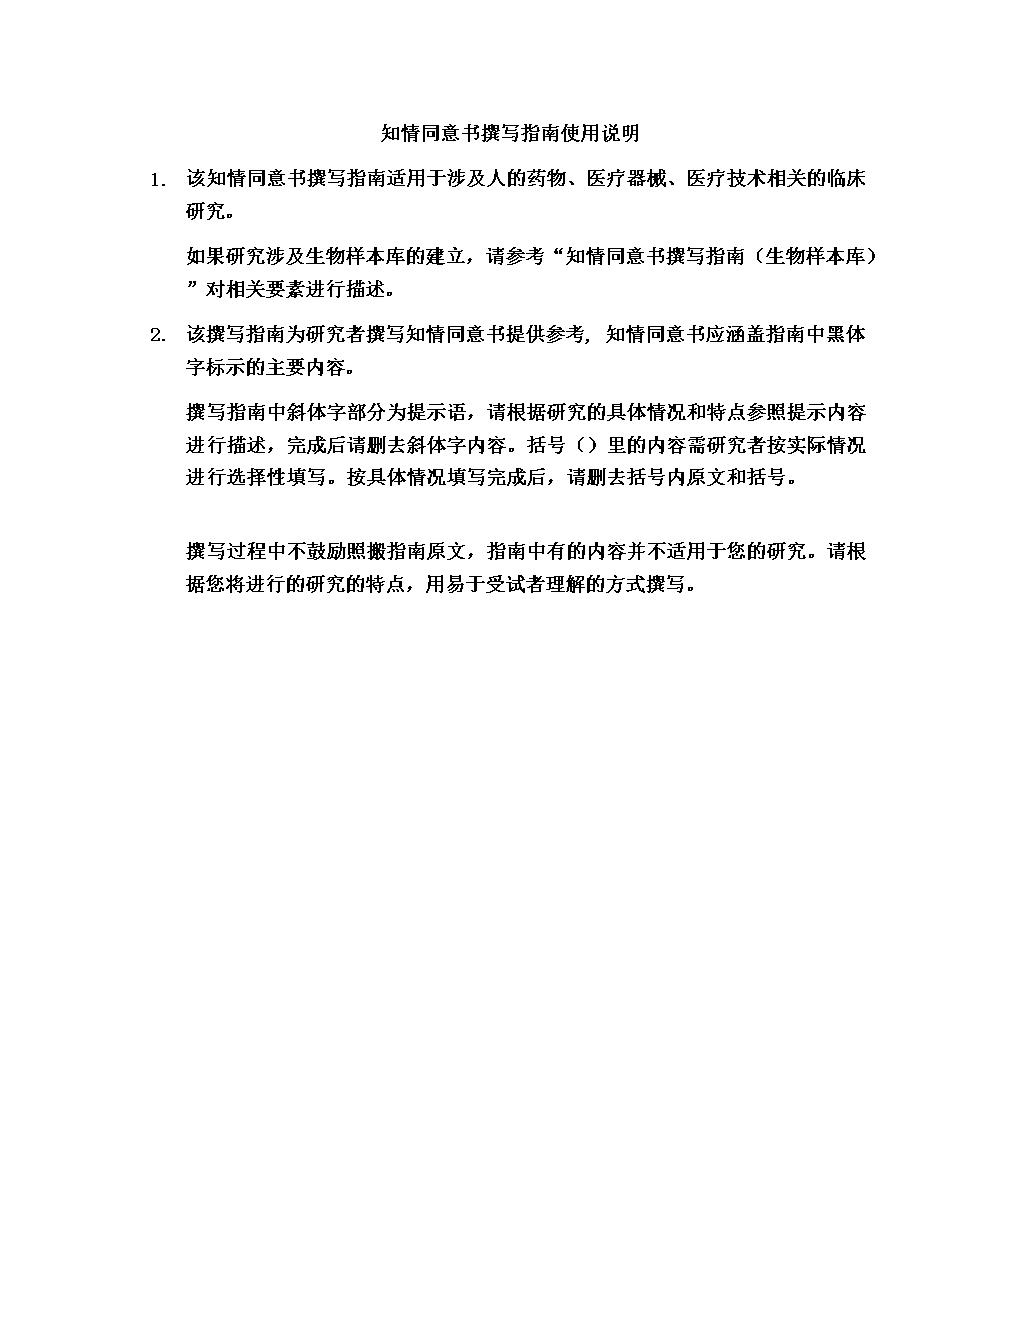 鱼猴子皮肤病囹�a�i)�aj_2019年知情同意书撰写指南使用说明.doc